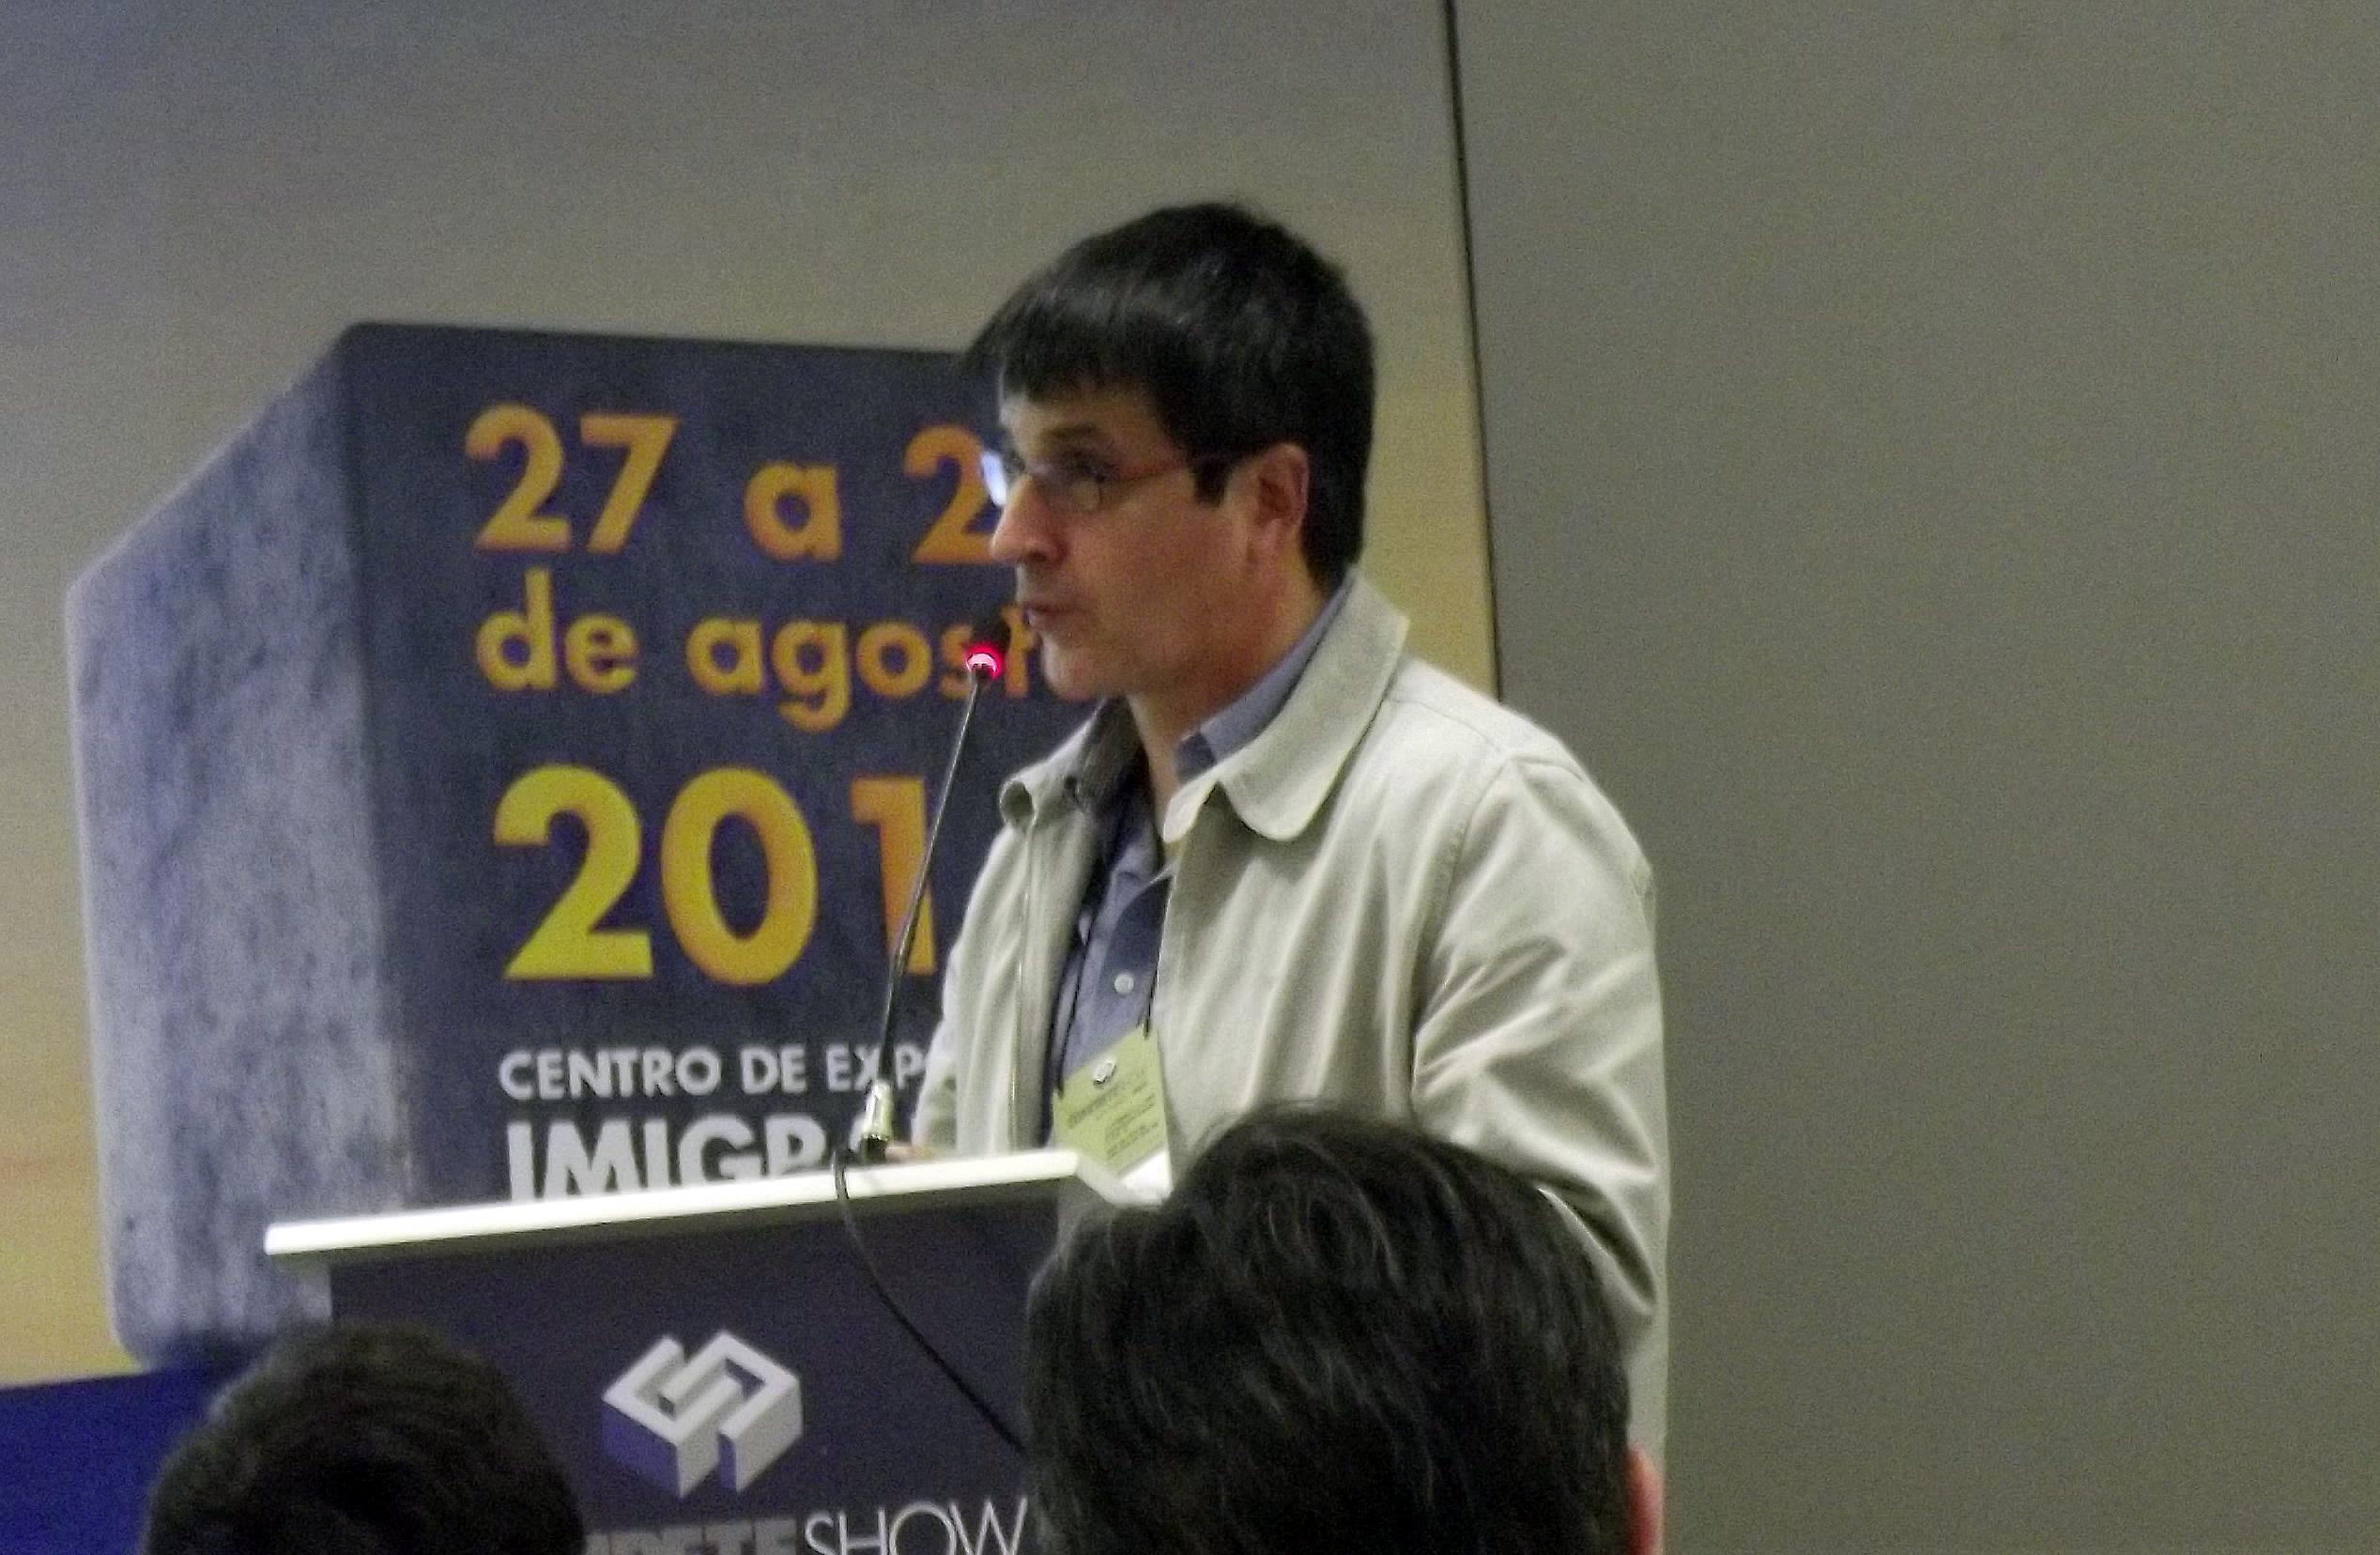 Augusto Pedreira de Freitas: nova norma de painéis pré-fabricados de concreto trará mais segurança para quem construir edifícios residenciais